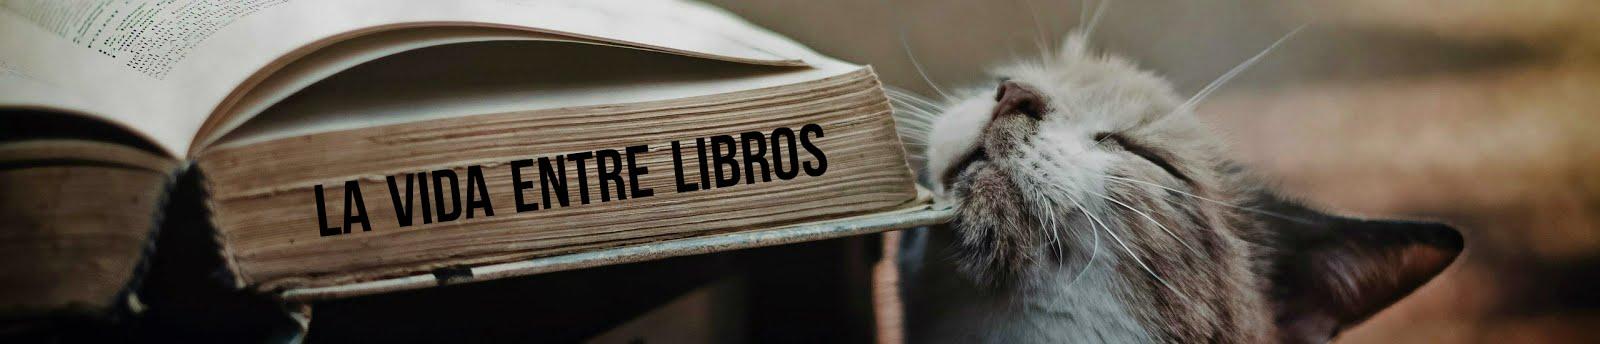 La Vida Entre Libros